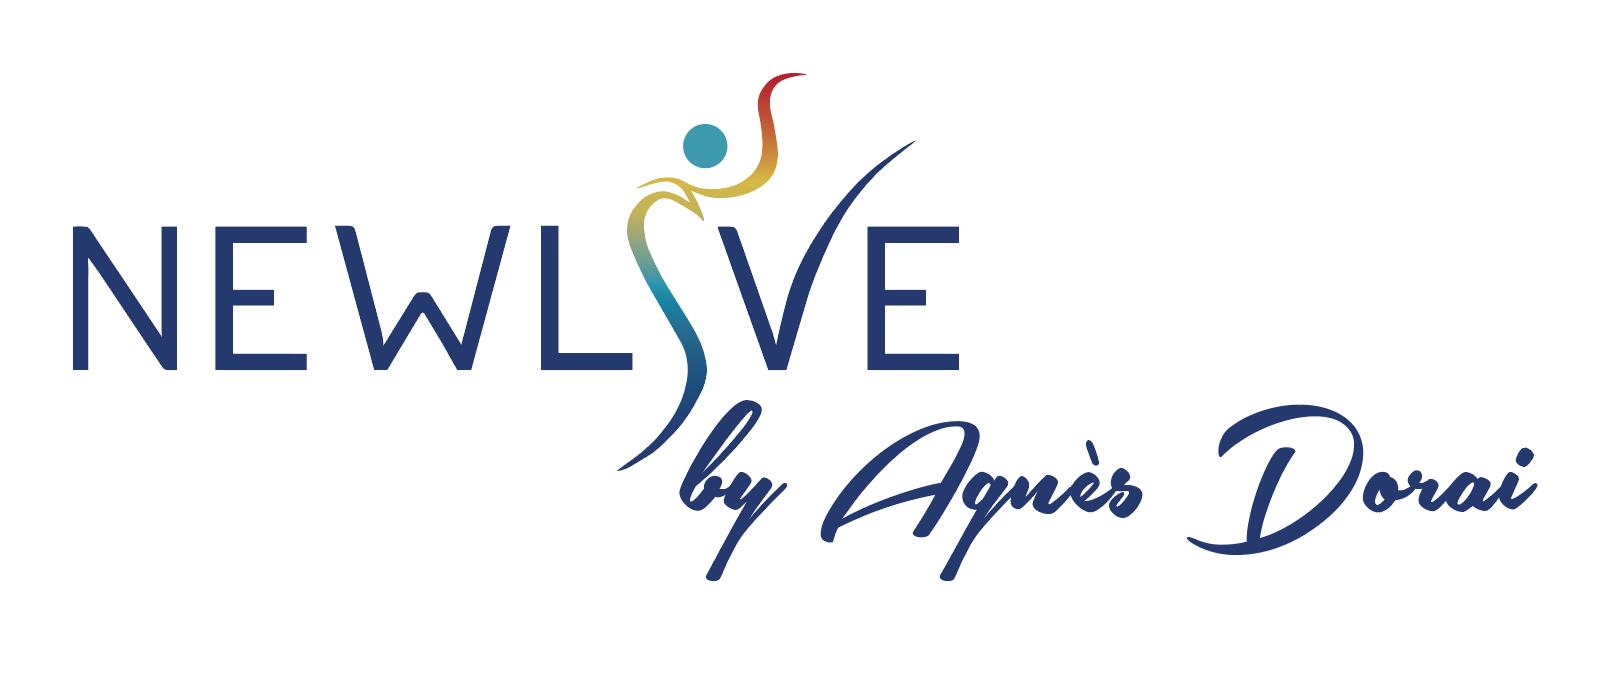 Newlive Consulting by Agnes Dorai